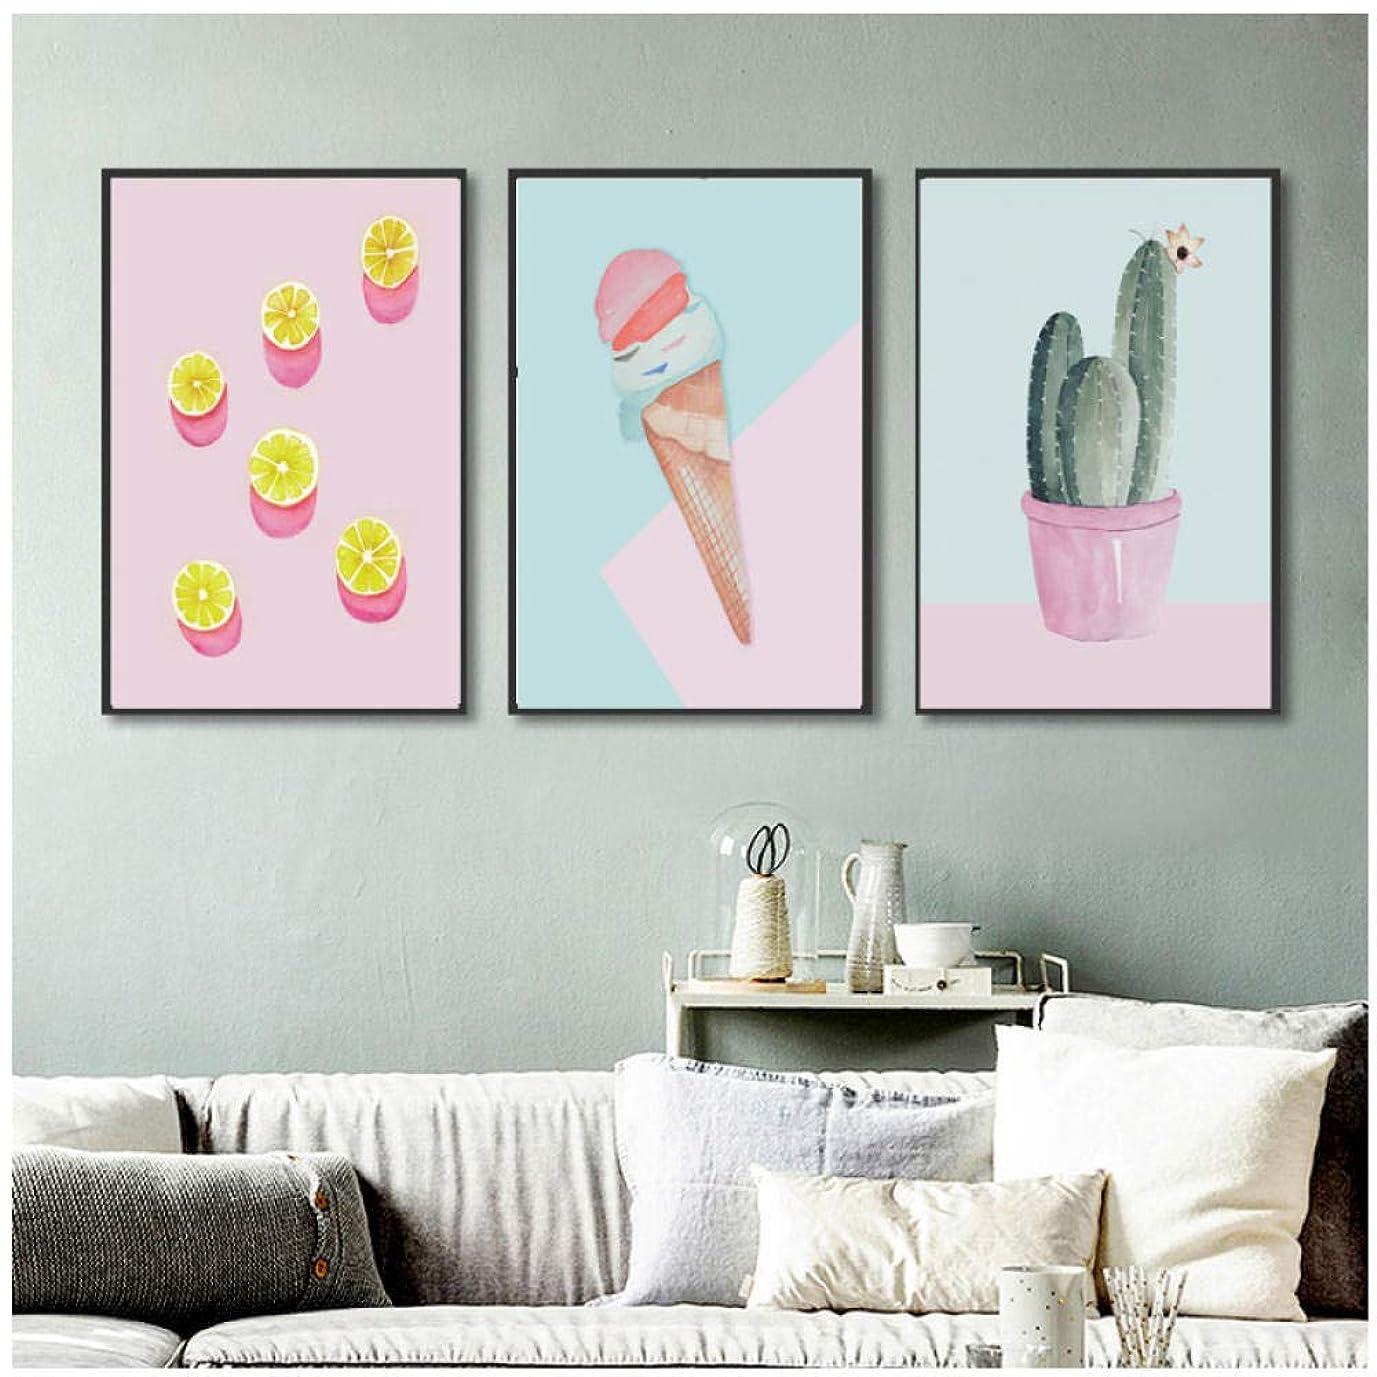 人質痛みシーンFaaddd 3ピースかわいいサボテンポスターアイスクリームガールズルームキャンバス絵画保育園??スタイル子供の装飾壁写真用リビングルーム50×70センチ×3いいえフレーム